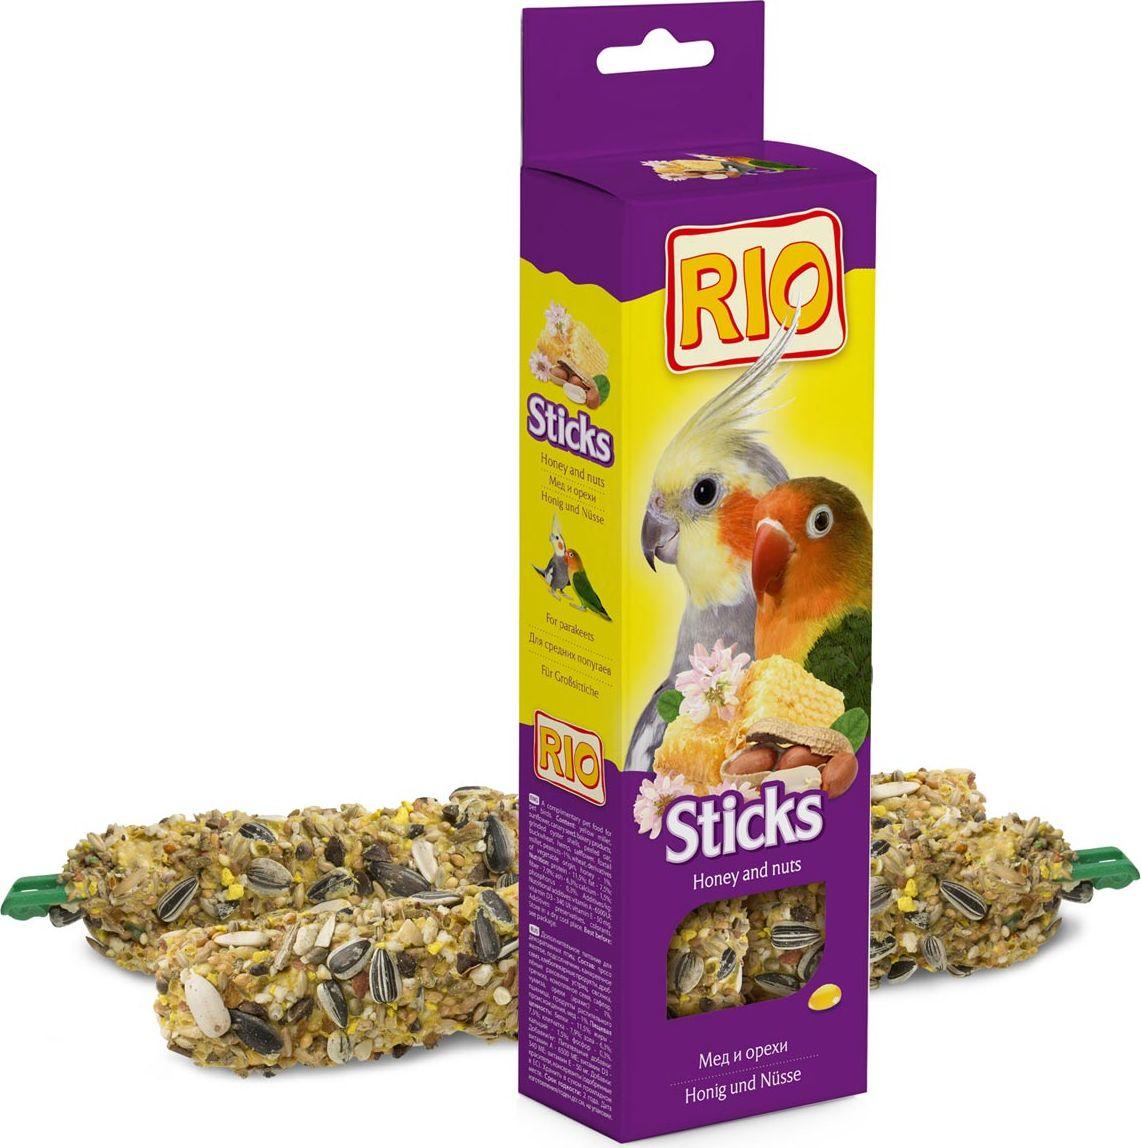 Лакомство для средних попугаев RIO Sticks, с медом и орехами, 2 х 75 г лакомство для средних попугаев веселый попугай две палочки с орехами 35 г 2 шт